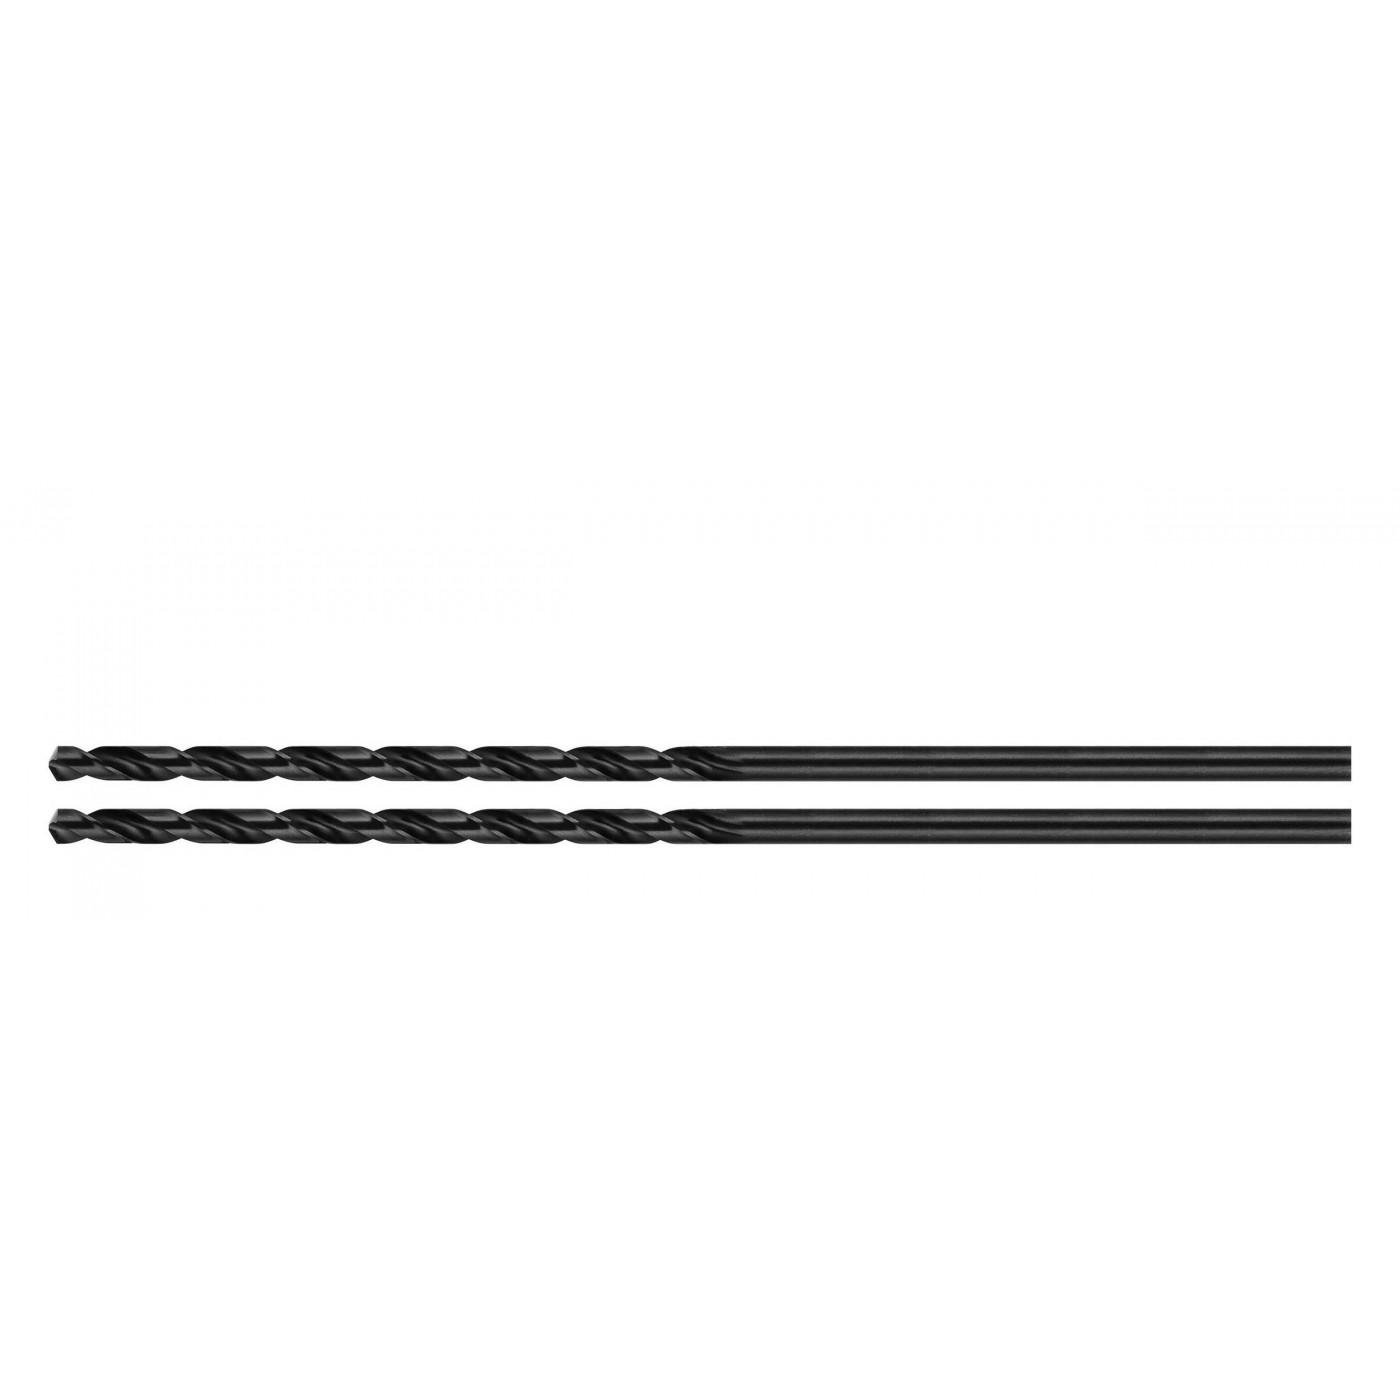 Set of 2 metal drill bits (HSS, 10.5x200 mm)